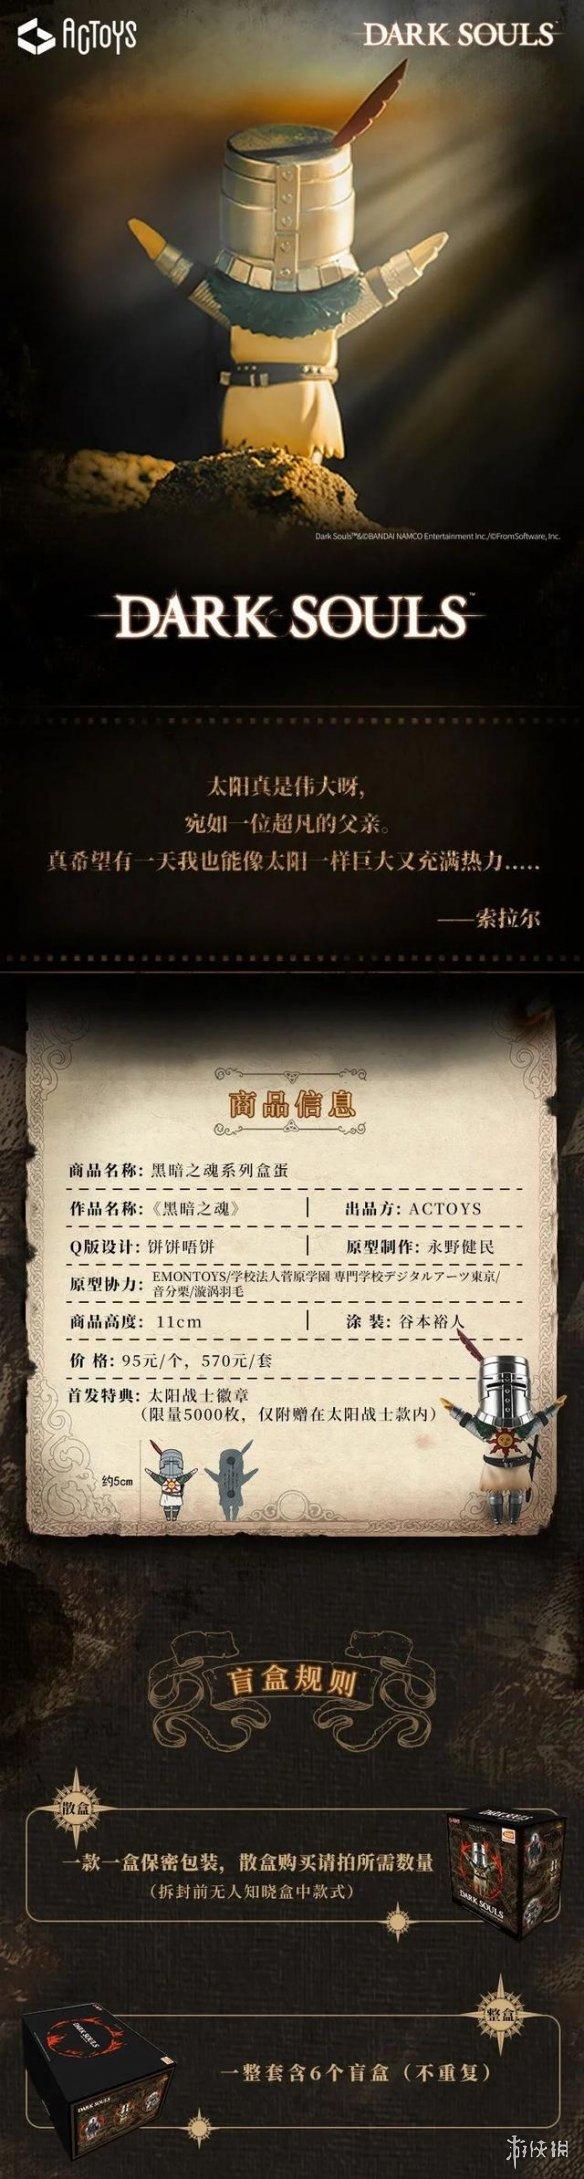 《【二号站注册平台】快来传火!《黑暗之魂》系列盒蛋上架 8月中下旬发售》